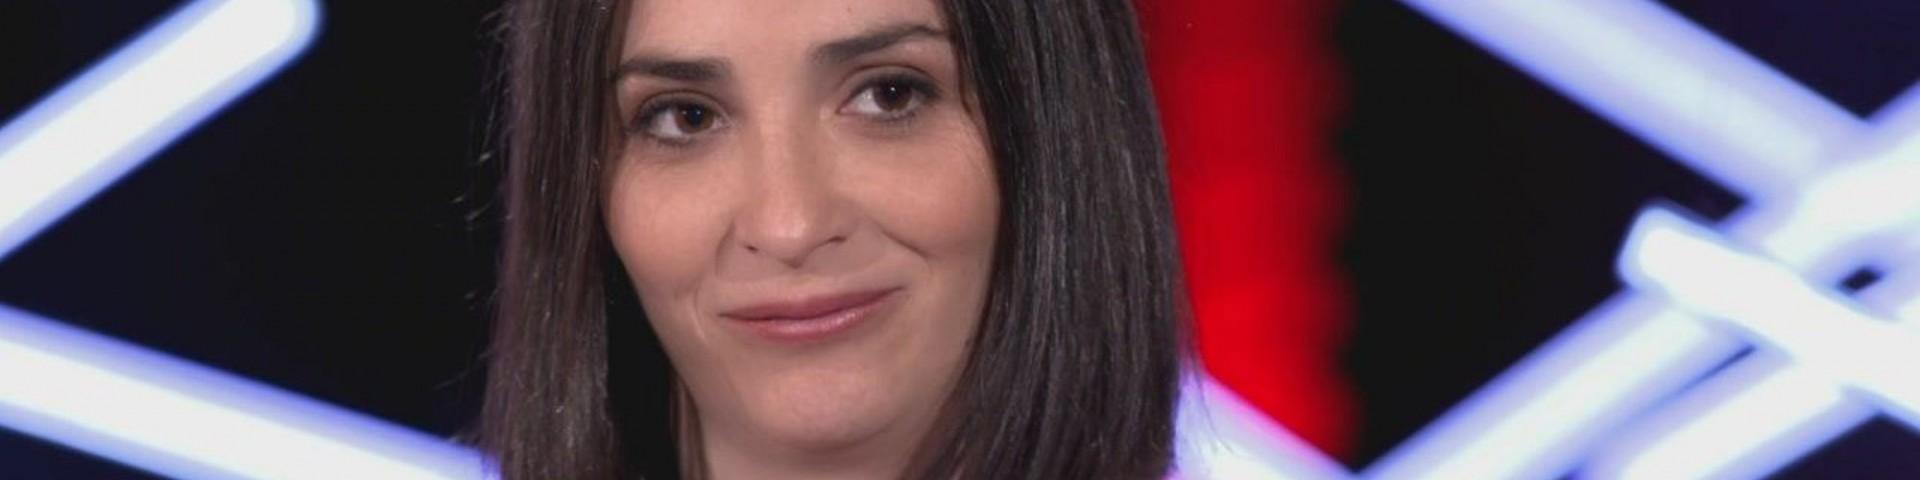 """Serena Rutelli al Grande Fratello: """"Quando è morto mio padre non ho versato una lacrima"""""""